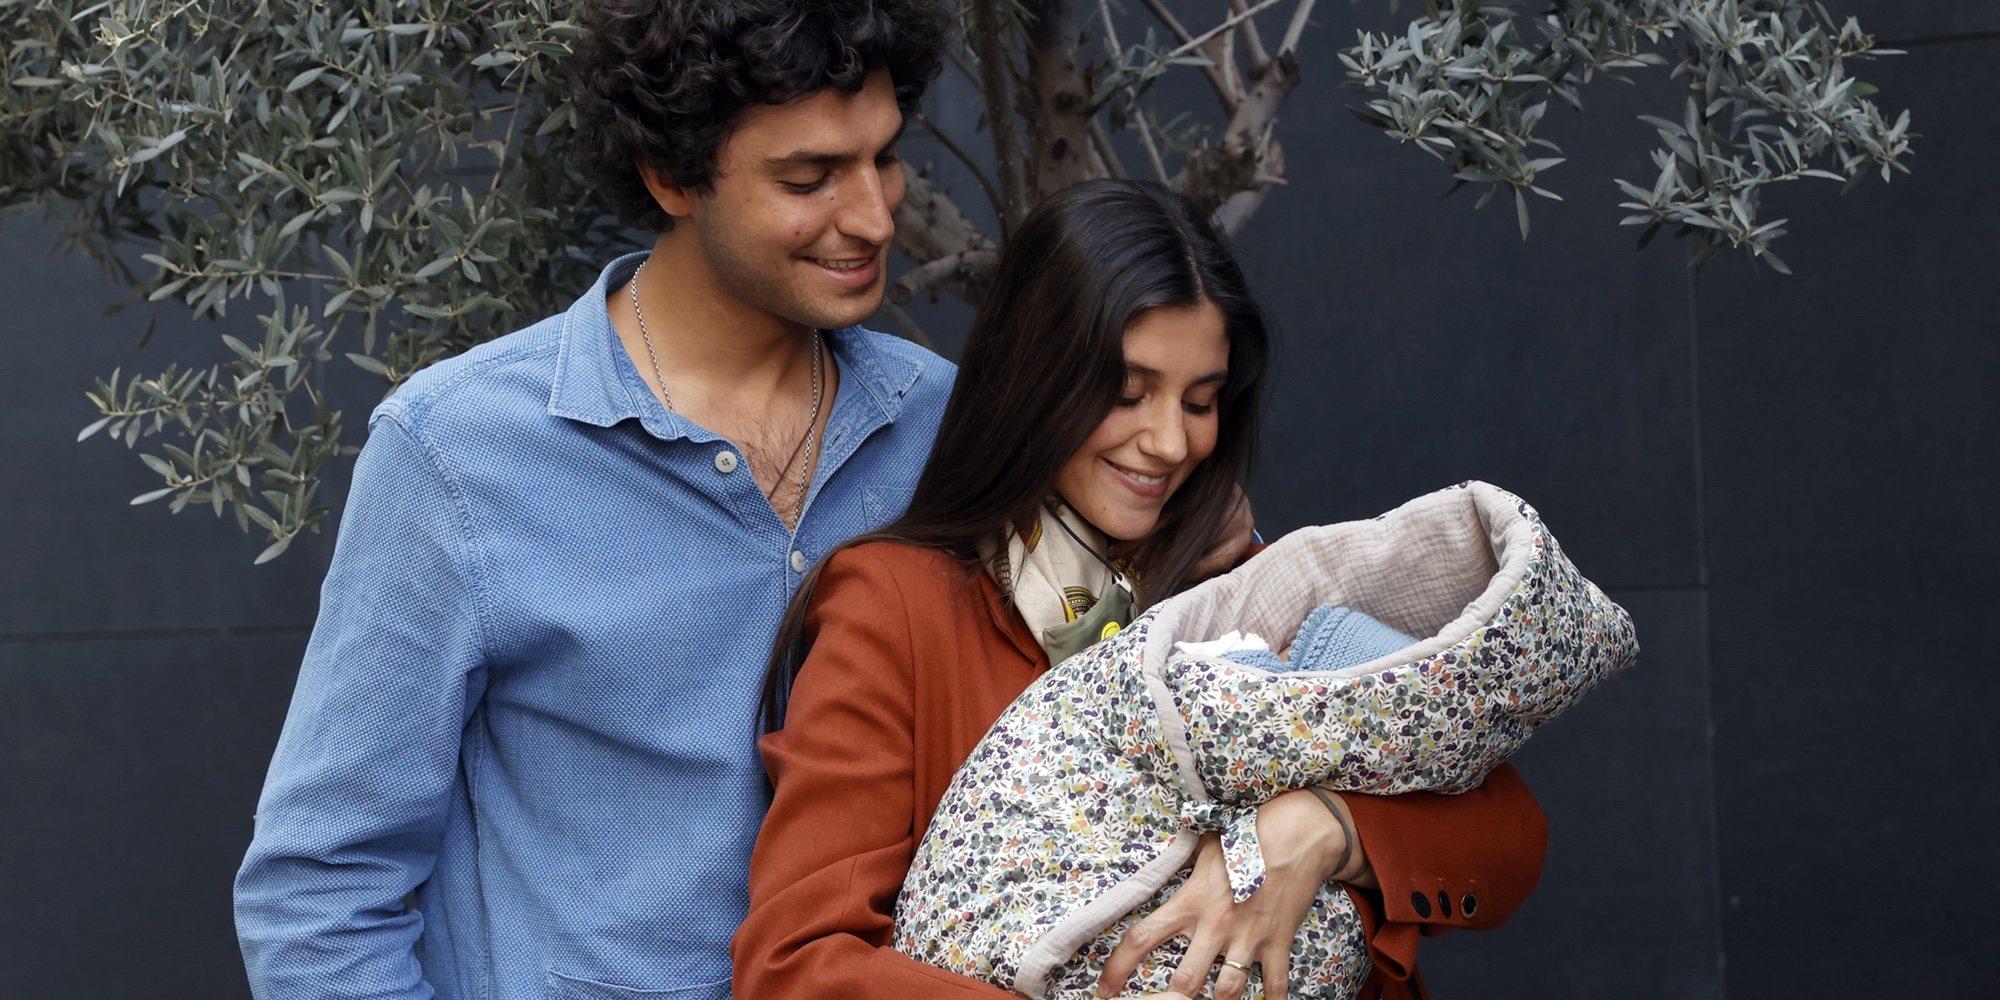 María García de Jaime y Tomás Páramo se llevan a su hija Catalina a casa tras su ingreso